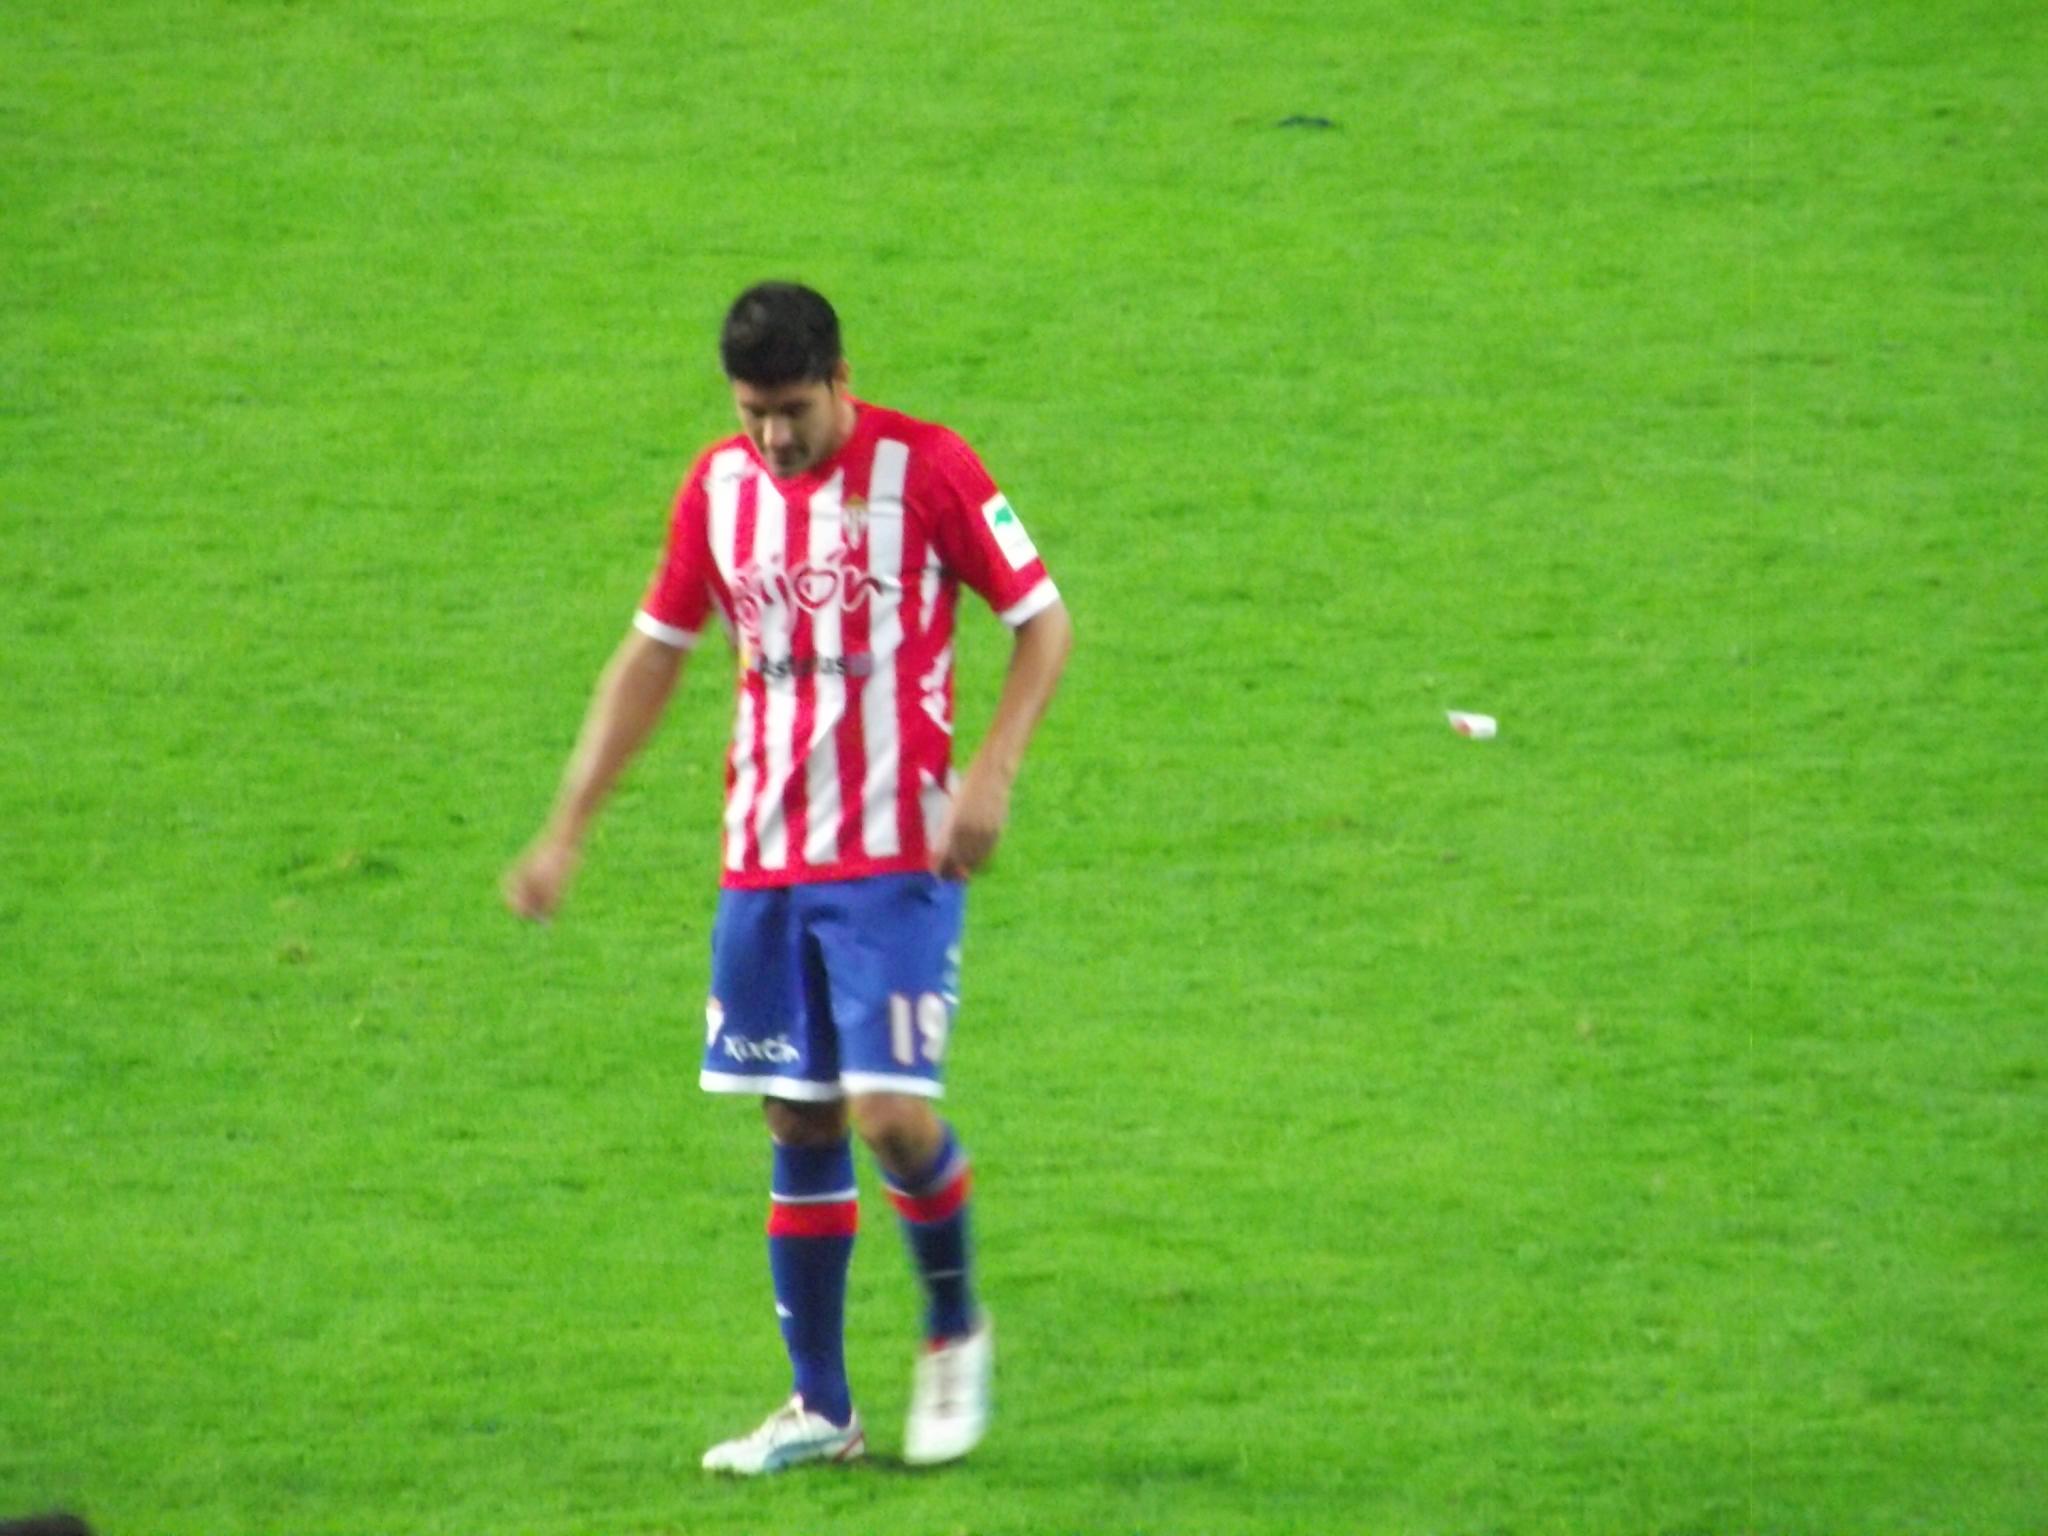 Castilla 2 - Sporting 4; Trejo coge la batuta para lanzar al Sporting